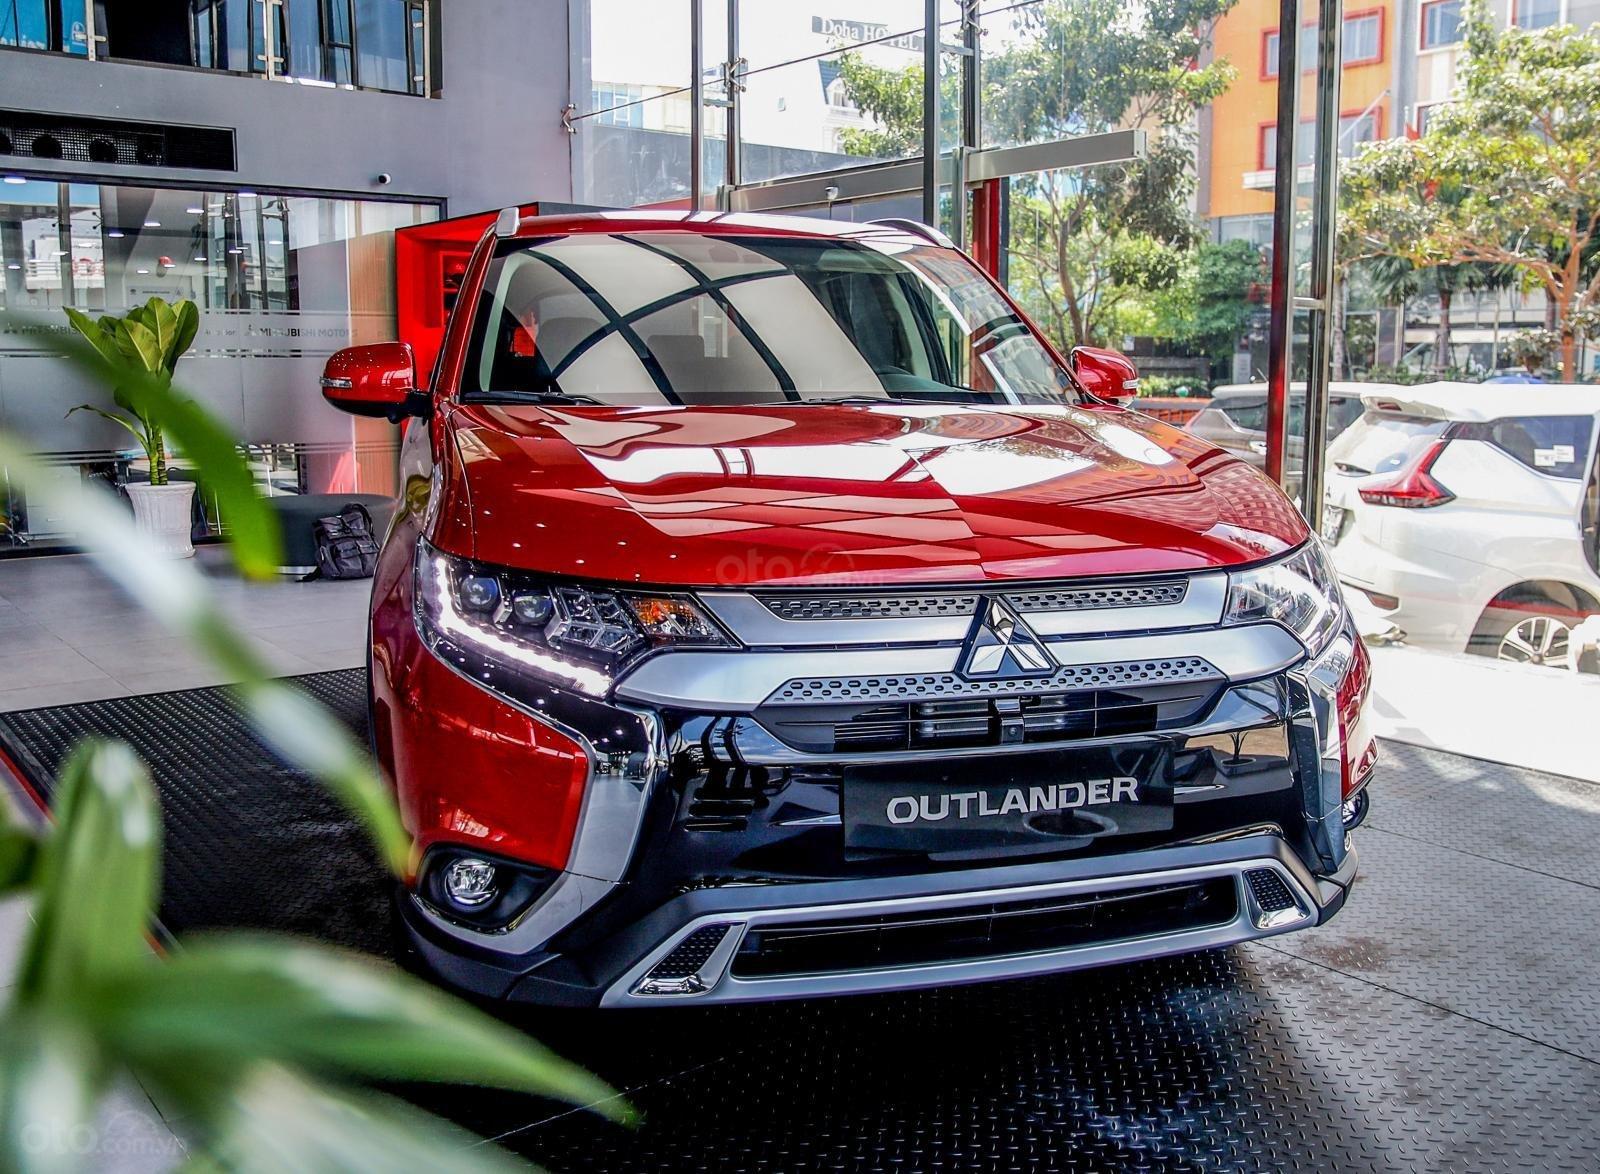 [Mitsubishi Isamco] Mitsubishi Outlander 2020, chỉ 825tr, ưu đãi tiền mặt cực khủng, trả góp 85% (1)